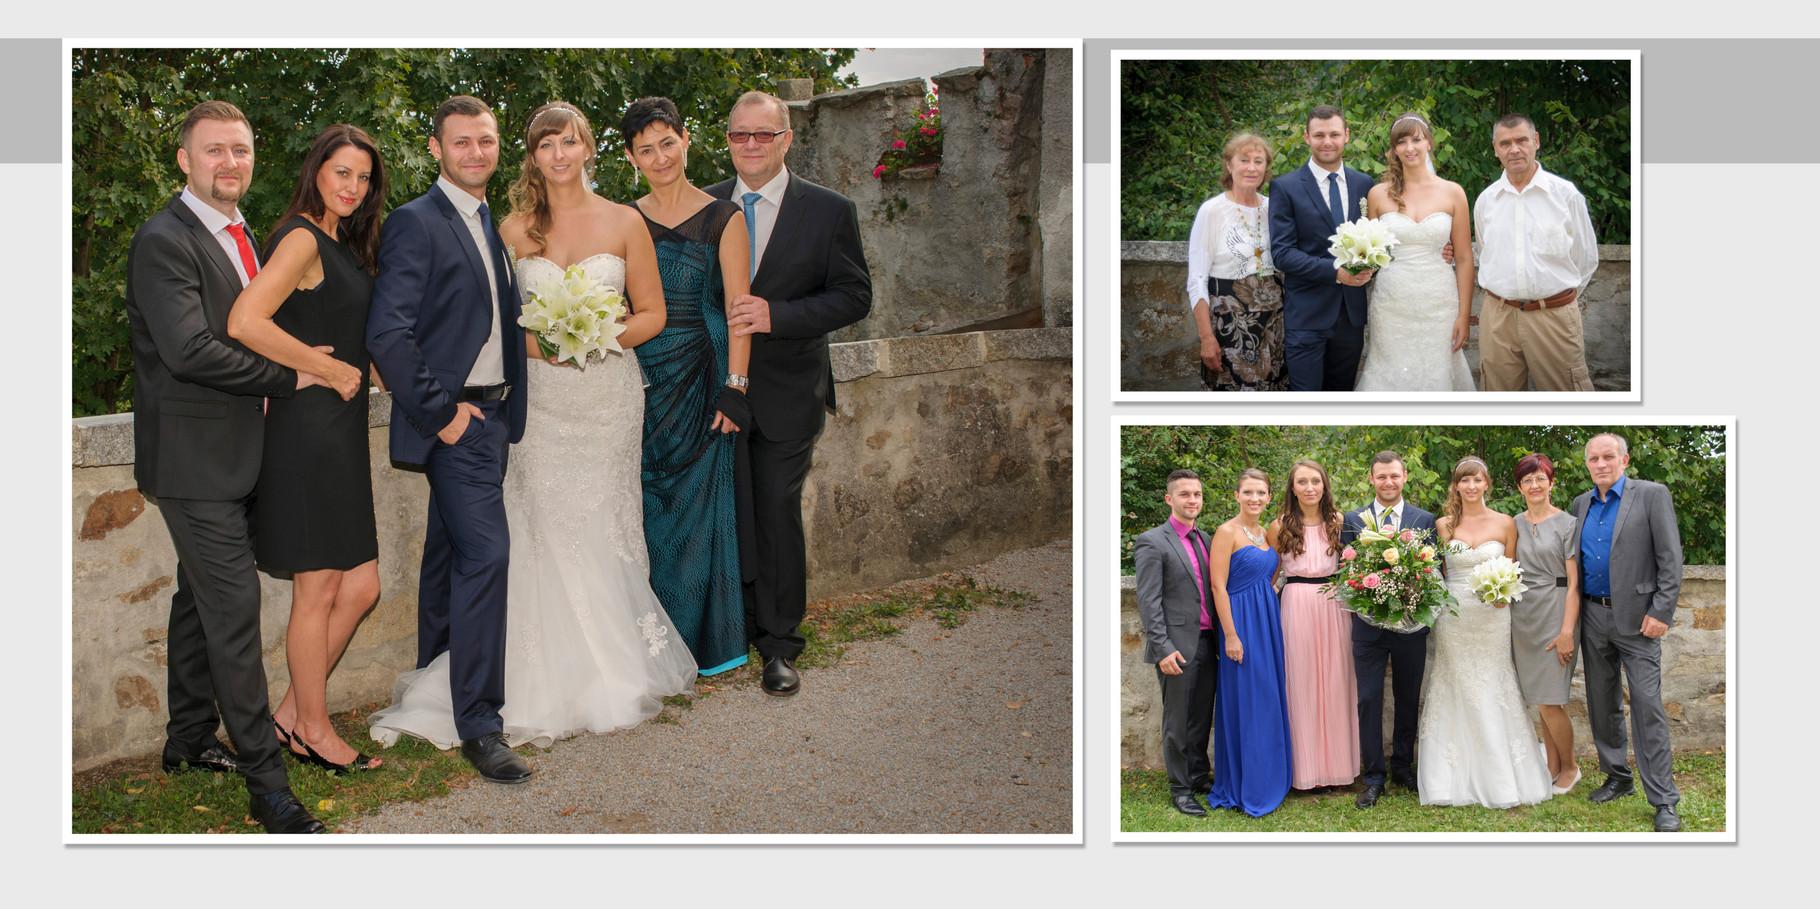 Hochzeitsfotograf für  Gruppenfotos  in Schloss Guteneck